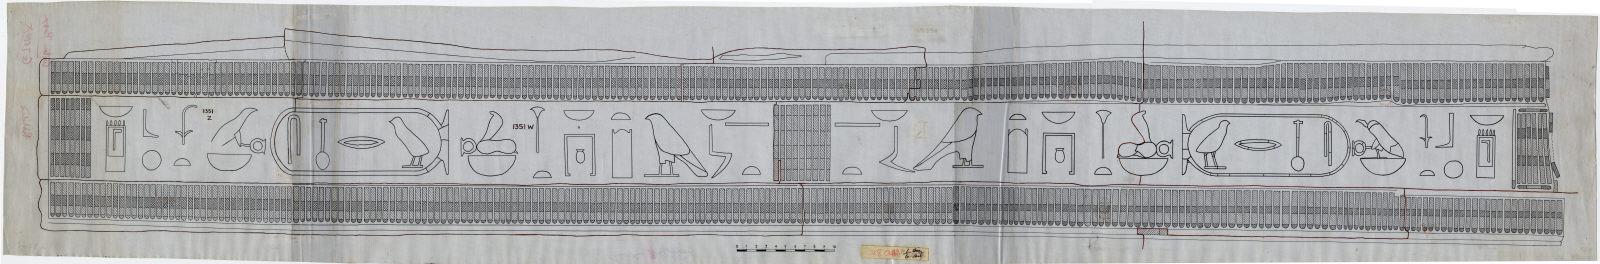 Drawings: G 7000 X: curtain box